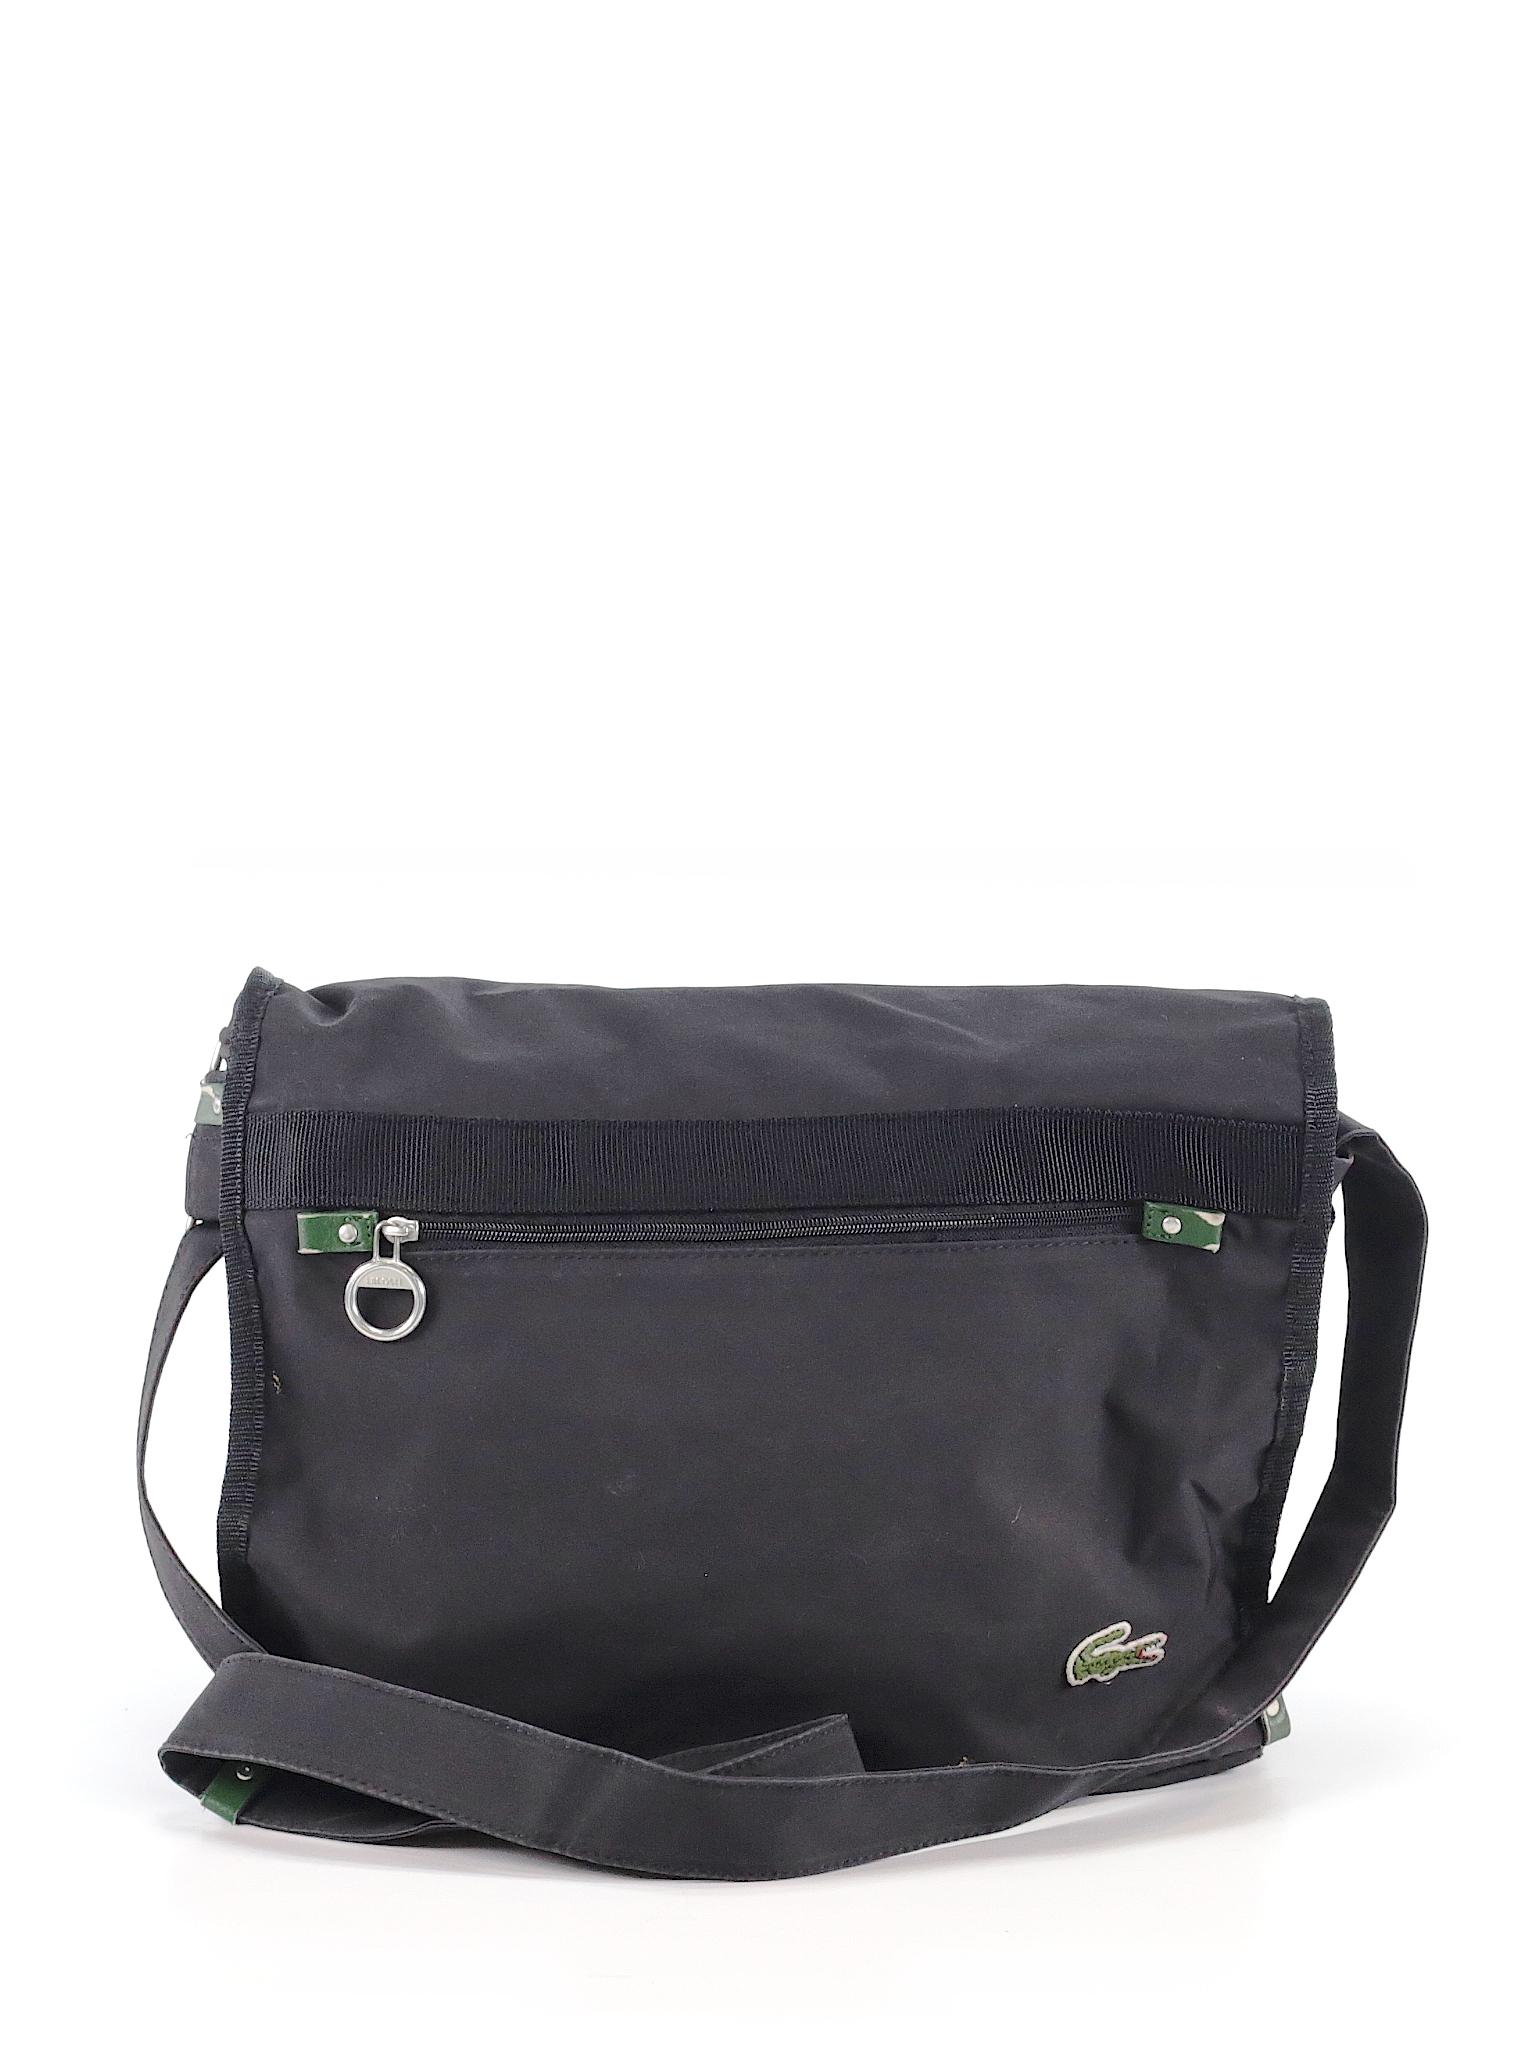 lacoste crossbody bag 91 off only on thredup. Black Bedroom Furniture Sets. Home Design Ideas